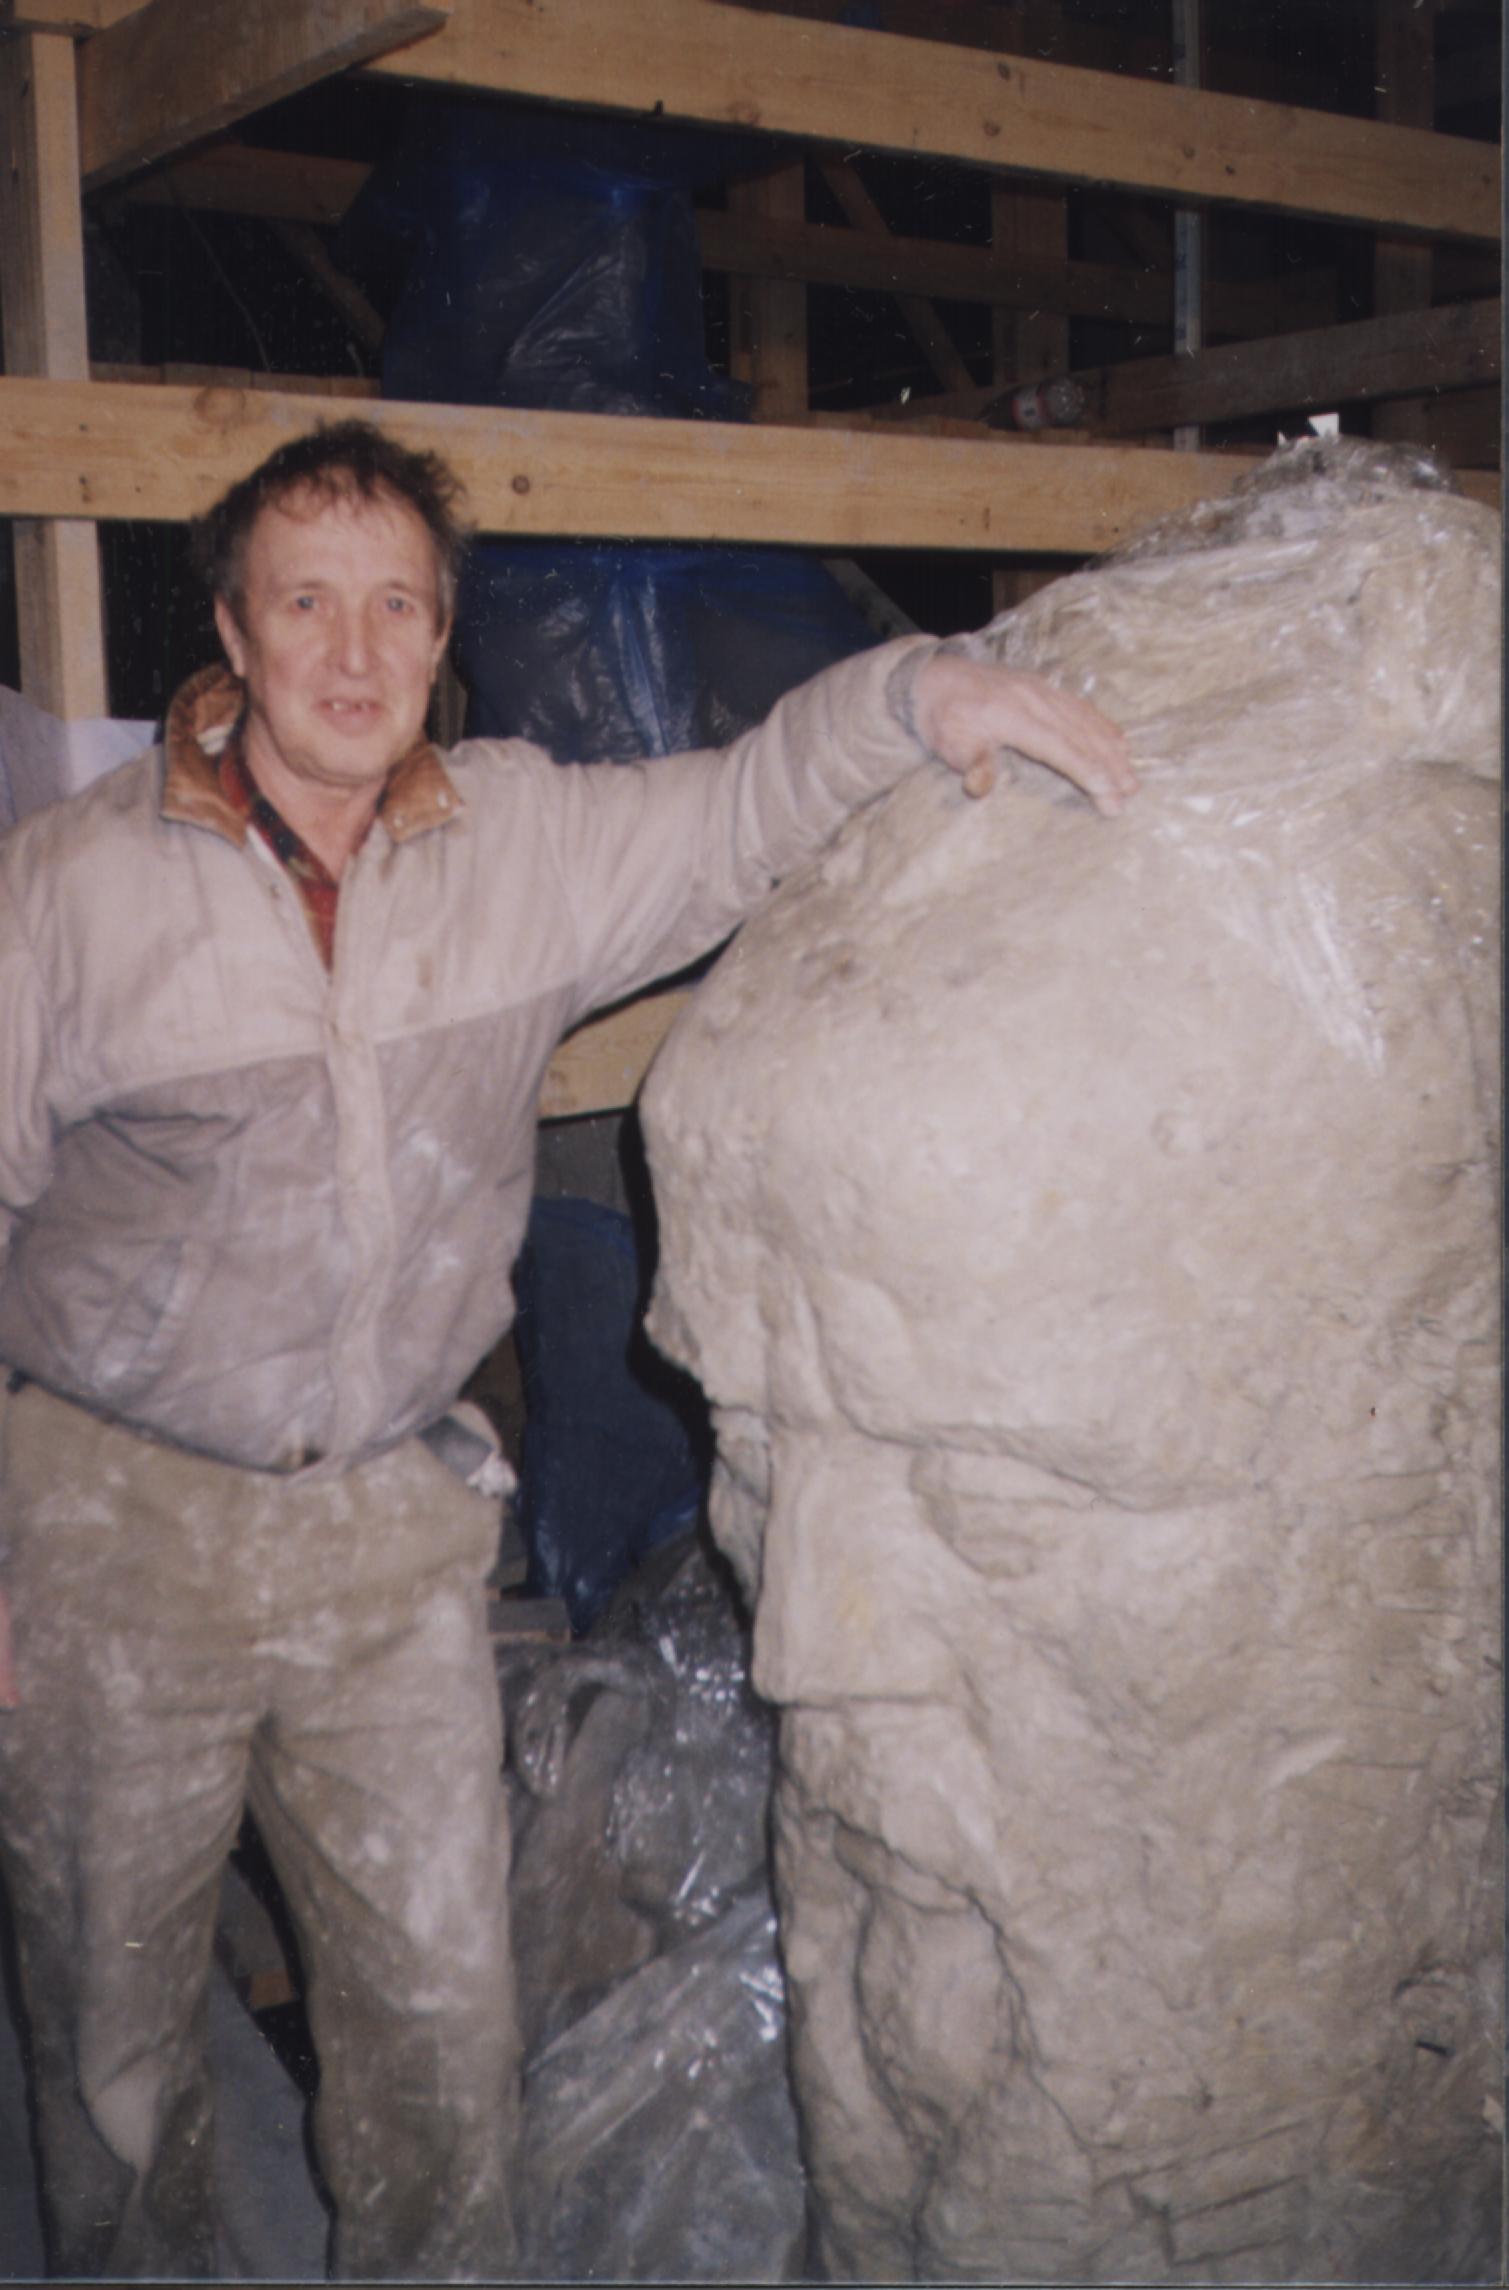 Форматор Анатолий Старыгин, он же работал над созданием памятника Татищеву и Де Геннину,  мы рассказывали об этом подробно